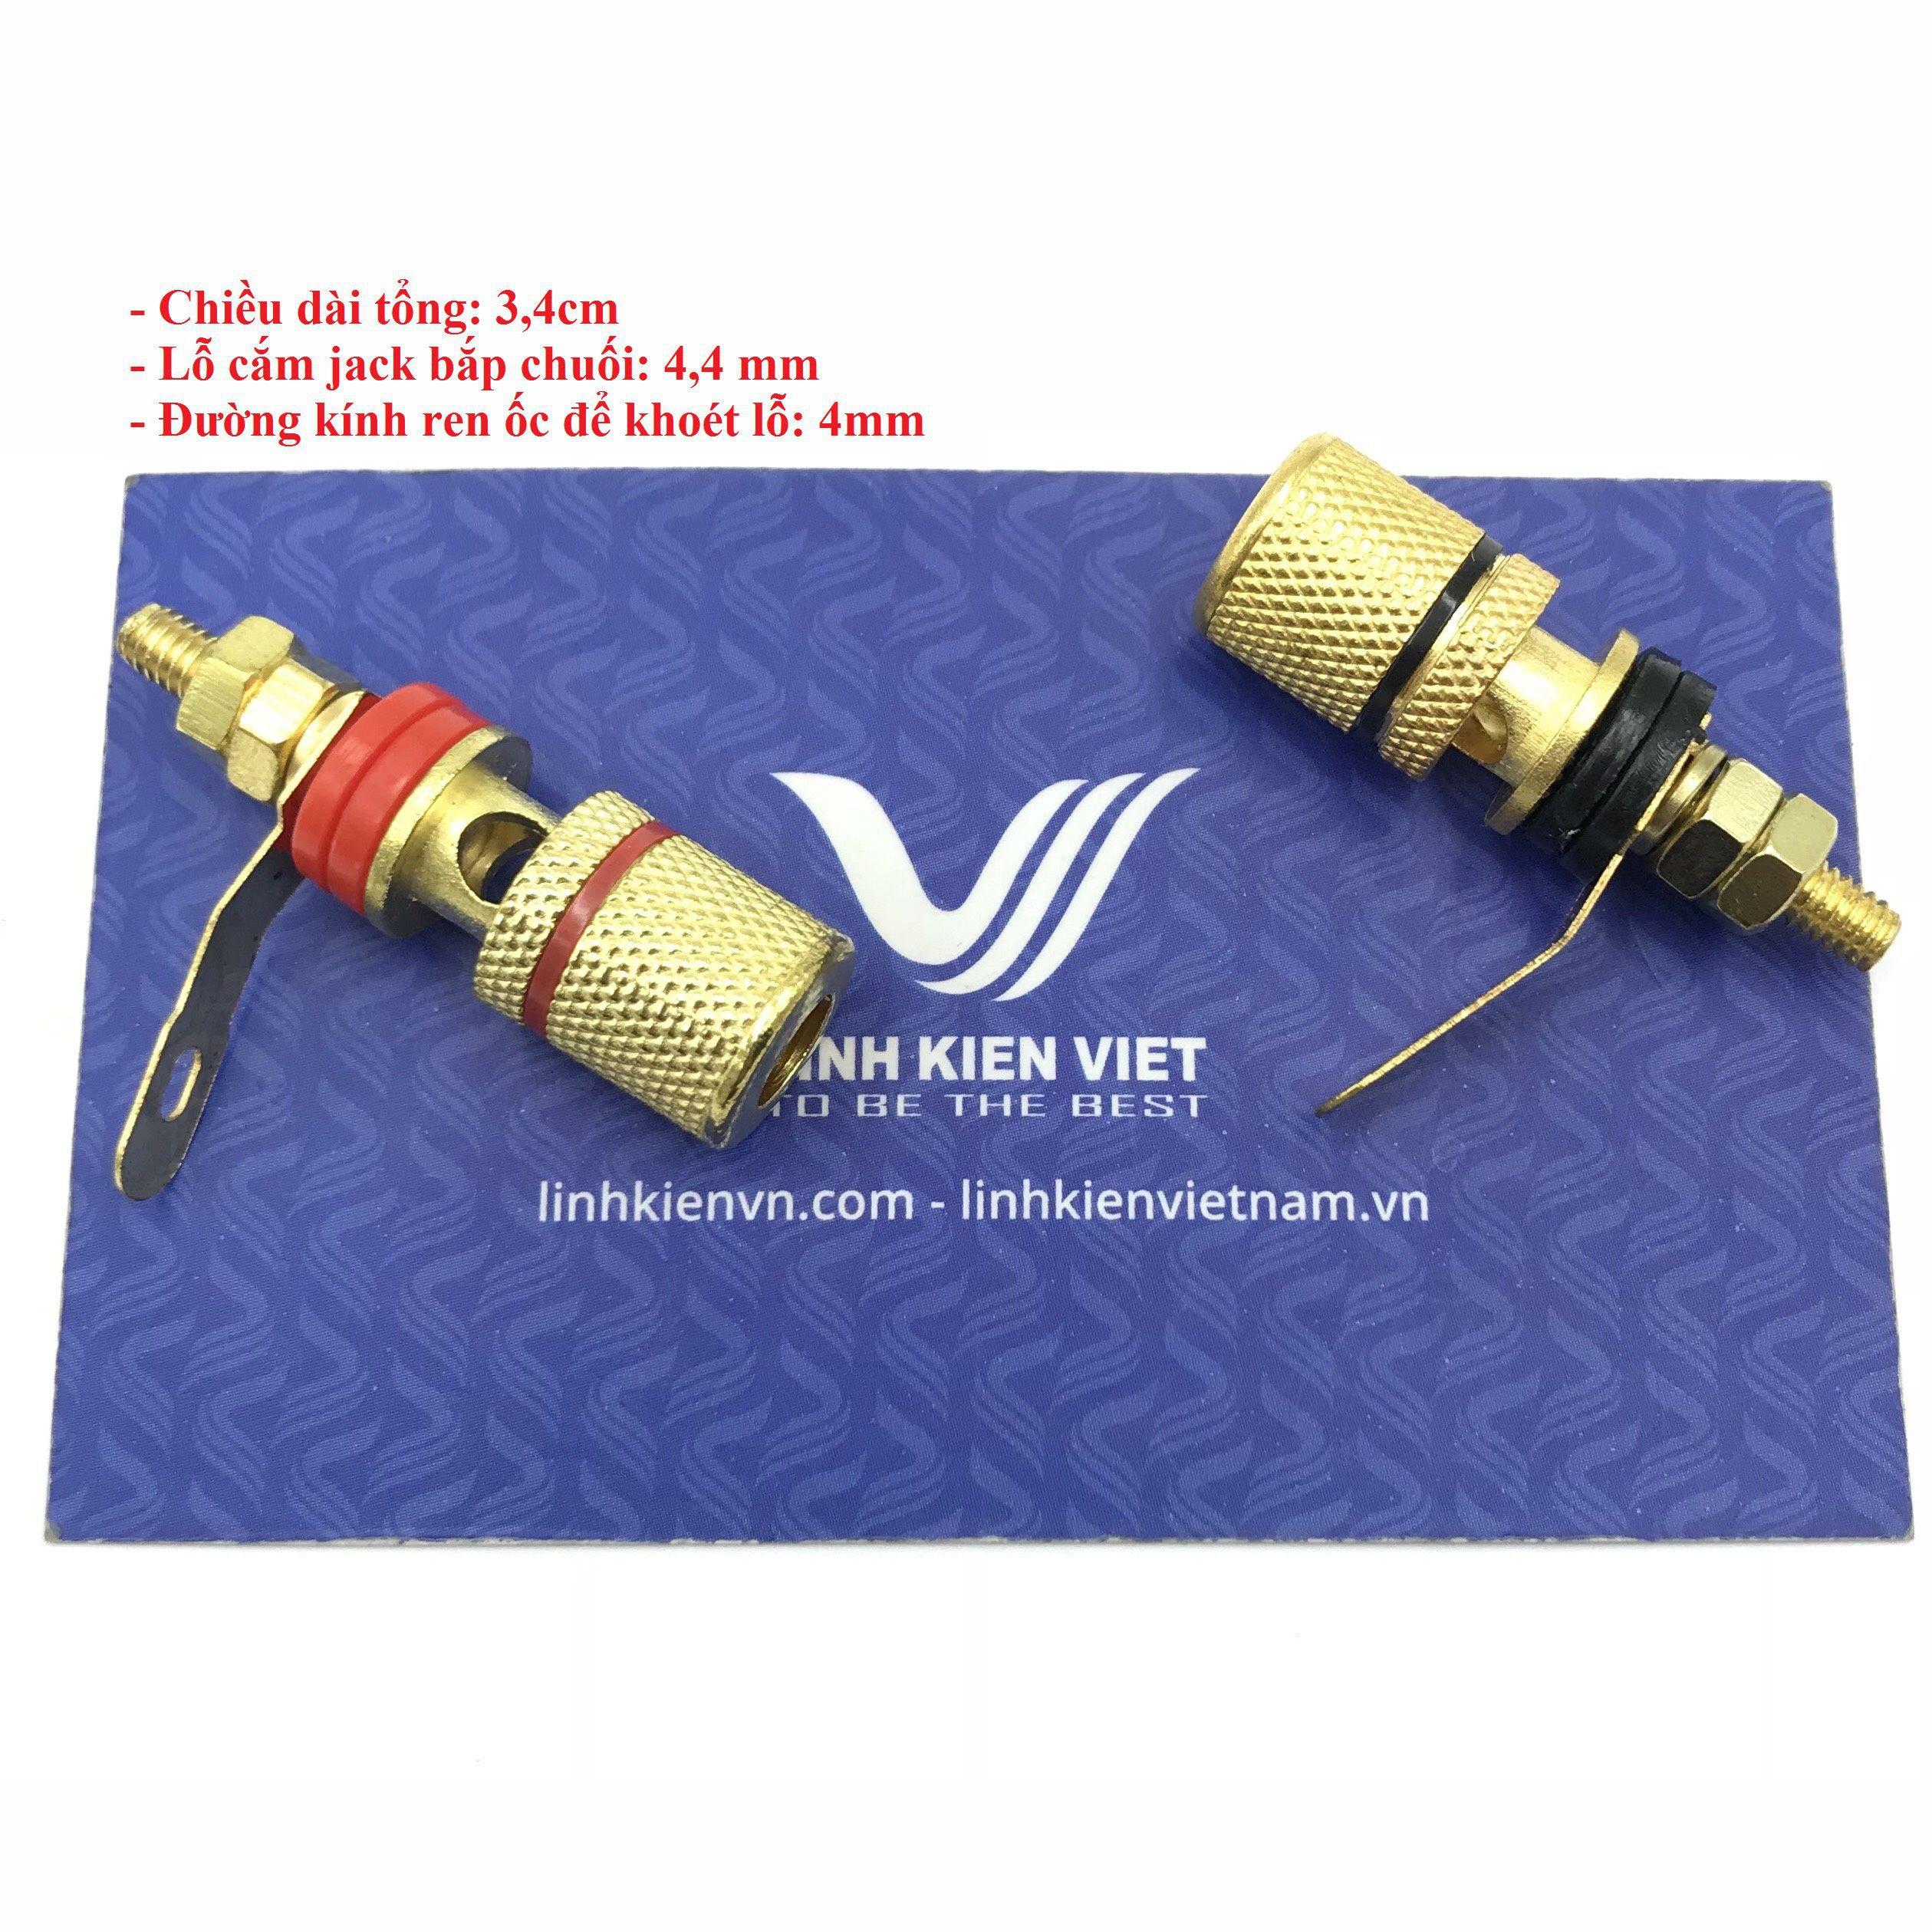 Cọc Loa chất lượng cao (mạ vàng) / Jack Thí nghiệm dài 3.4 cm (1 cái) - D8H18